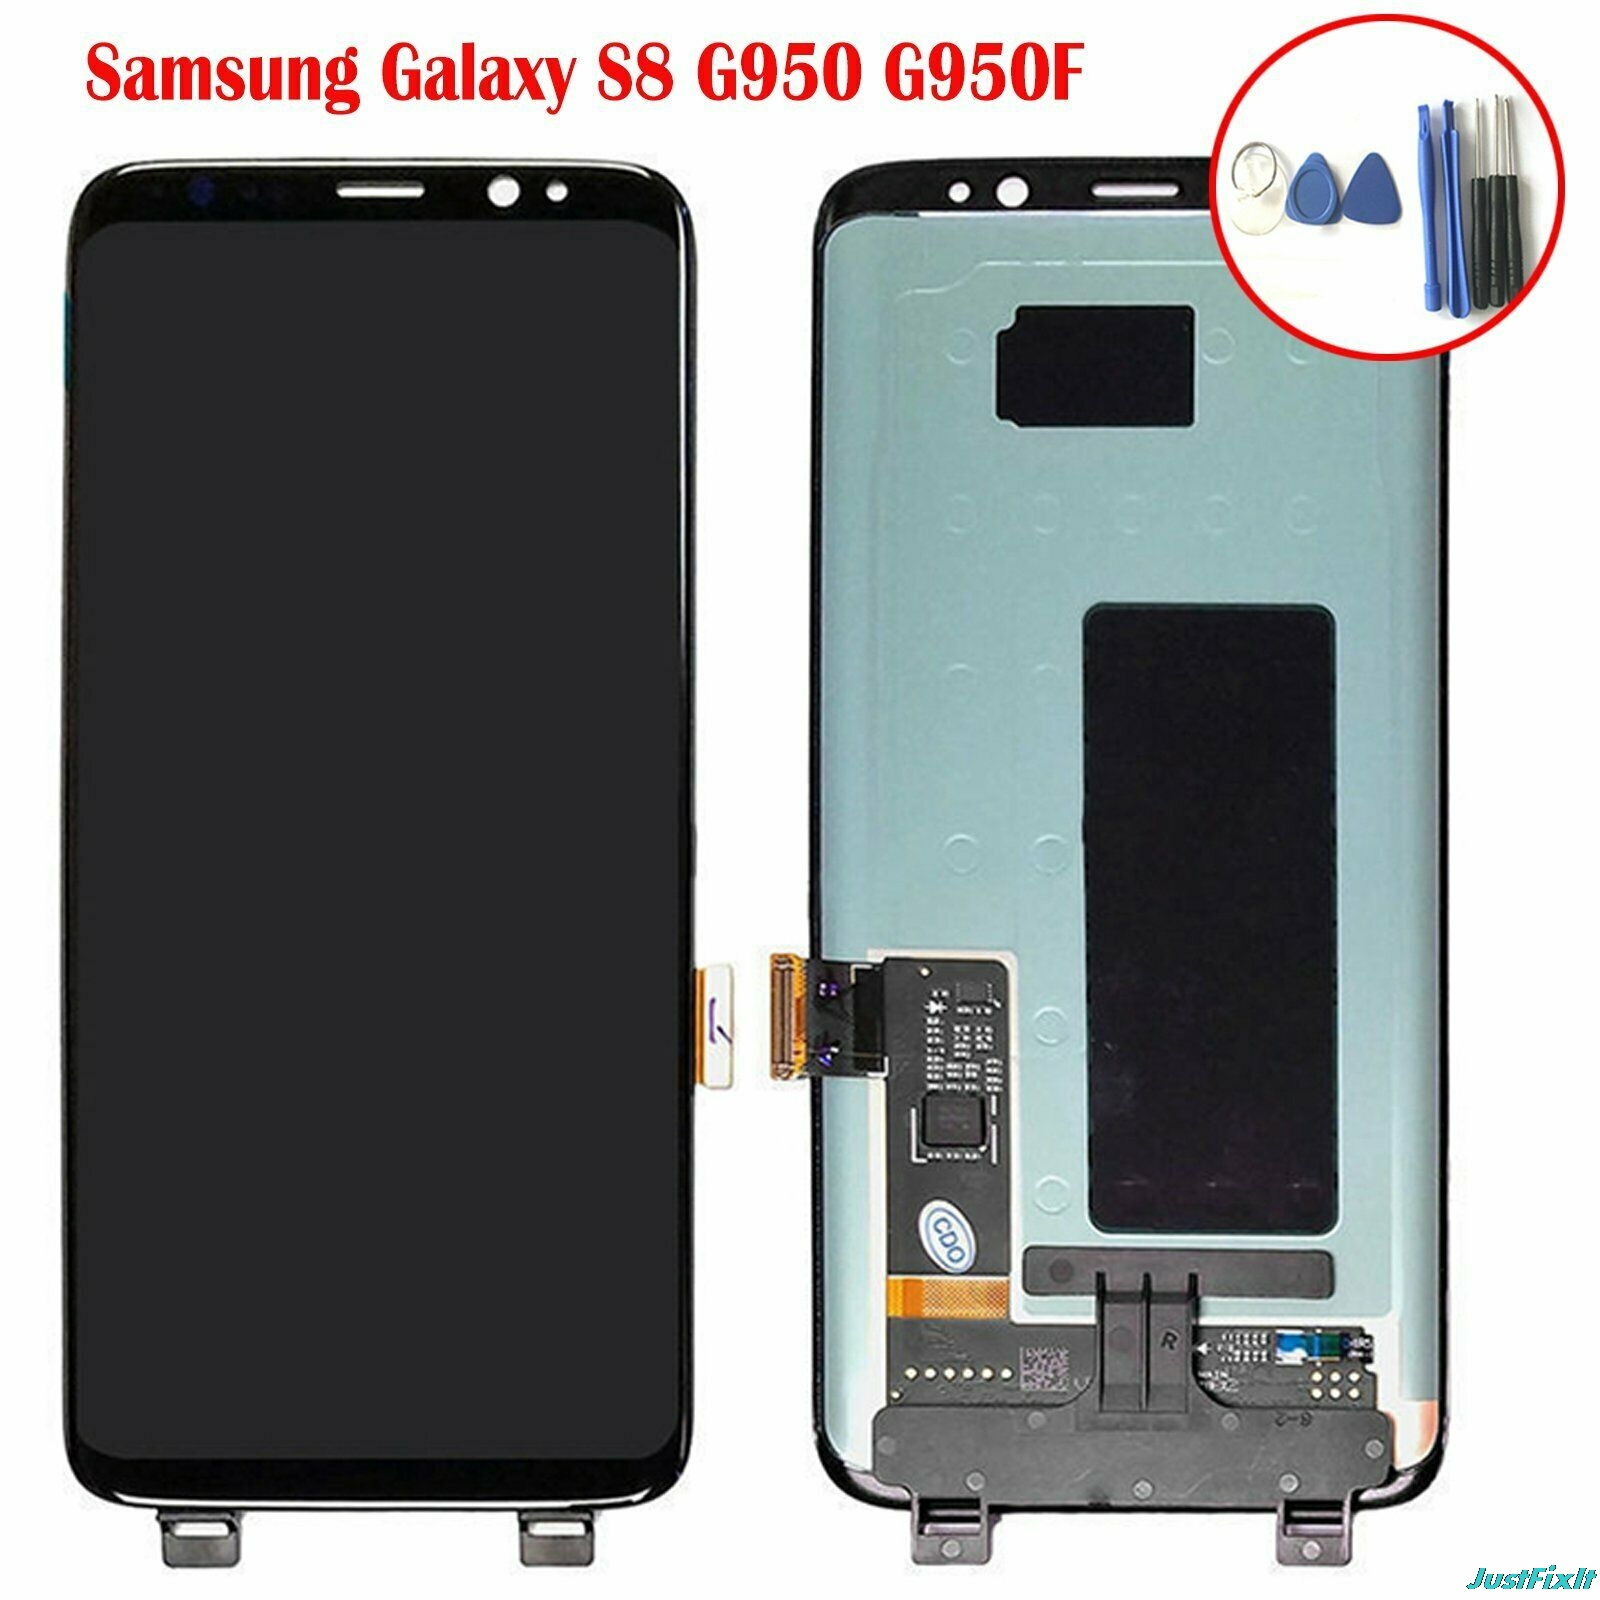 Ersetzen Für Samsung Galaxy S8 G950 G950U G950f G950fd schatten Lcd Display Mit Touch Screen Digitizer Super AMOLED Bildschirm-in Handy-LCDs aus Handys & Telekommunikation bei AliExpress - 11.11_Doppel-11Tag der Singles 1